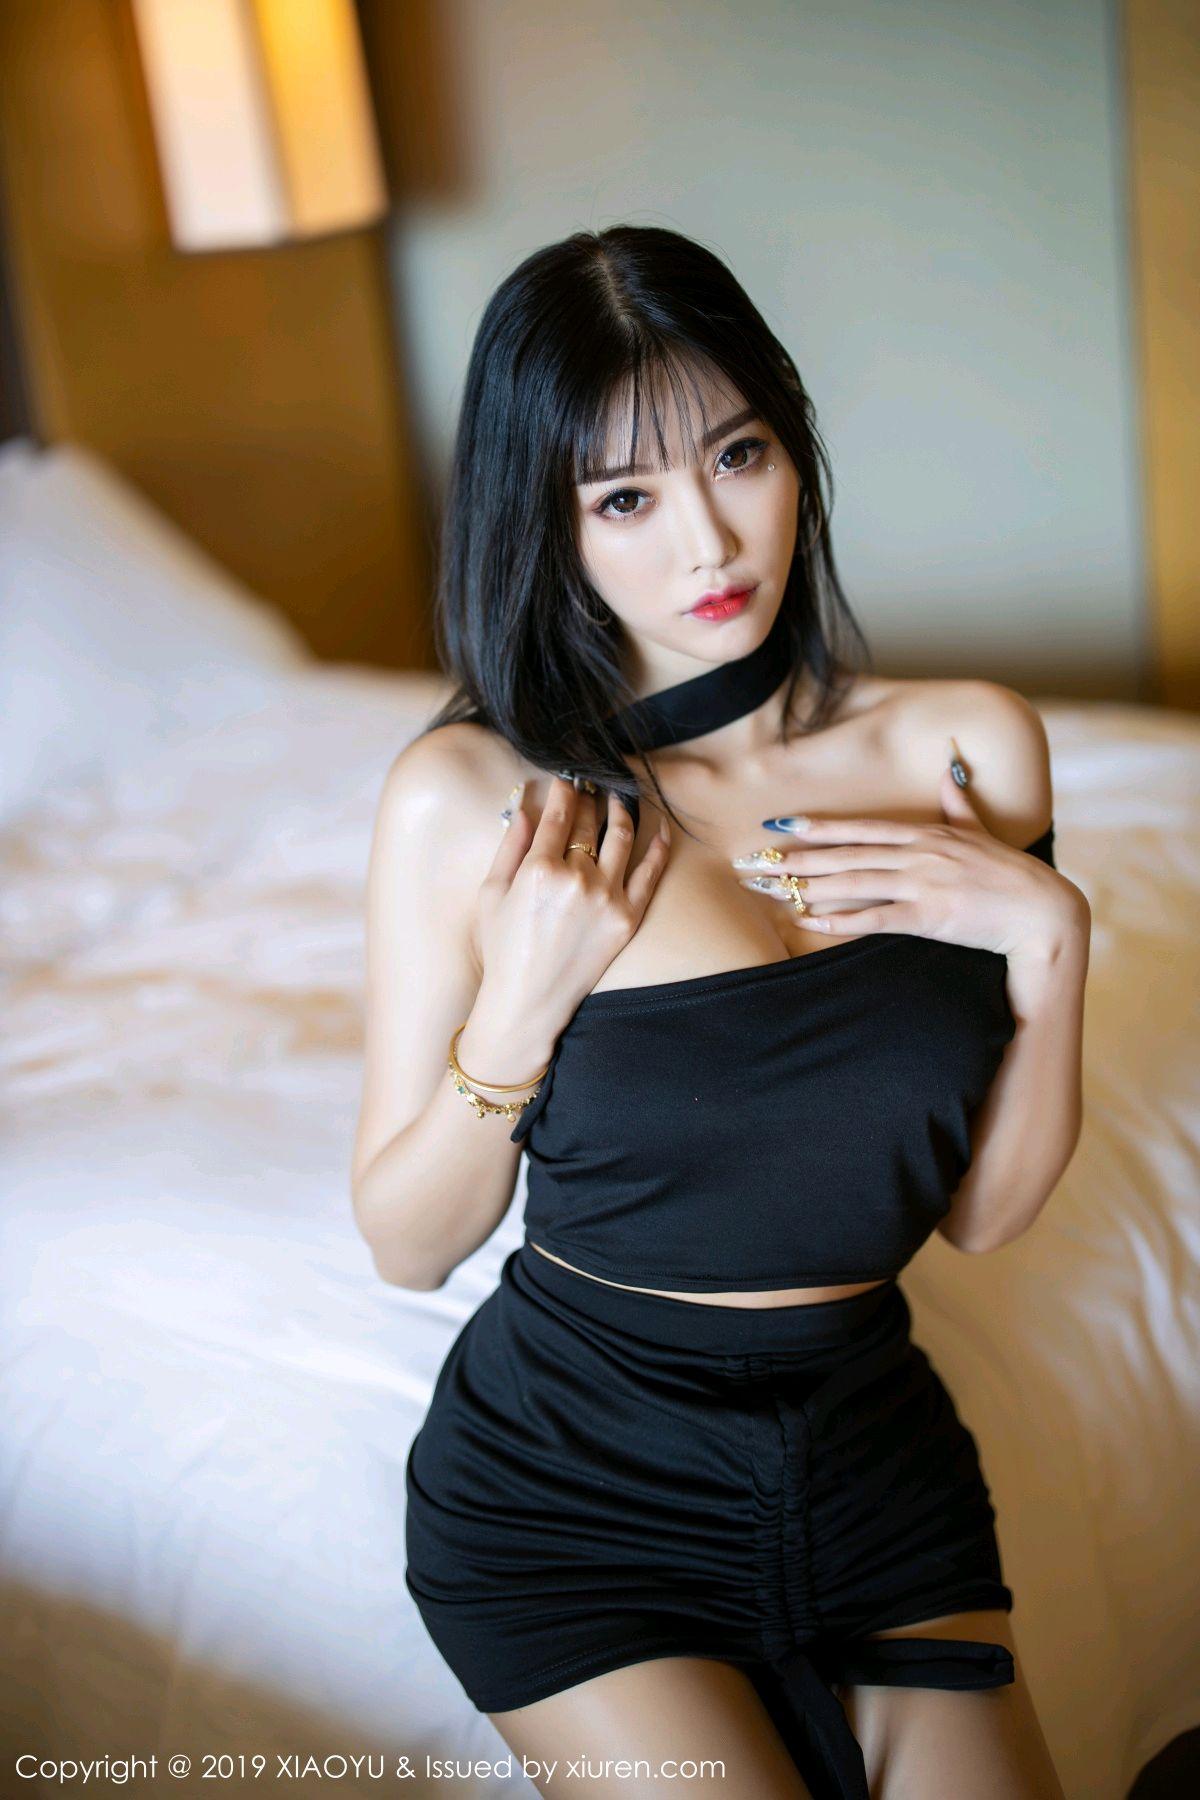 [XiaoYu] Vol.134 Yang Chen Chen 17P, Tall, Underwear, XiaoYu, Yang Chen Chen